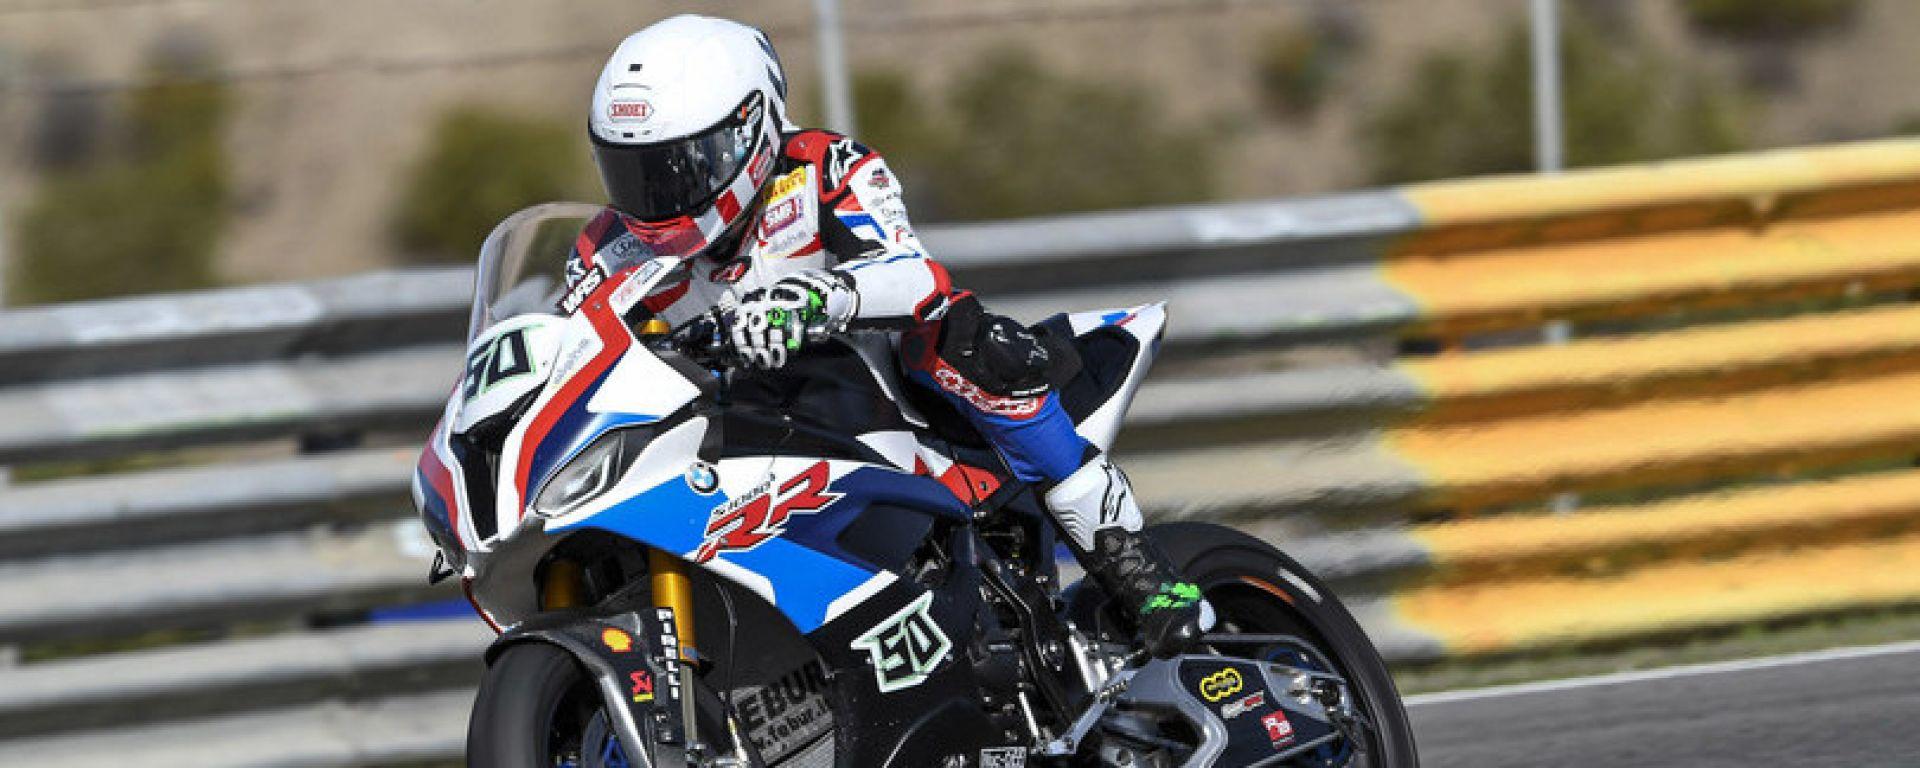 World Superbike 2020, Eugene Laverty (BMW)